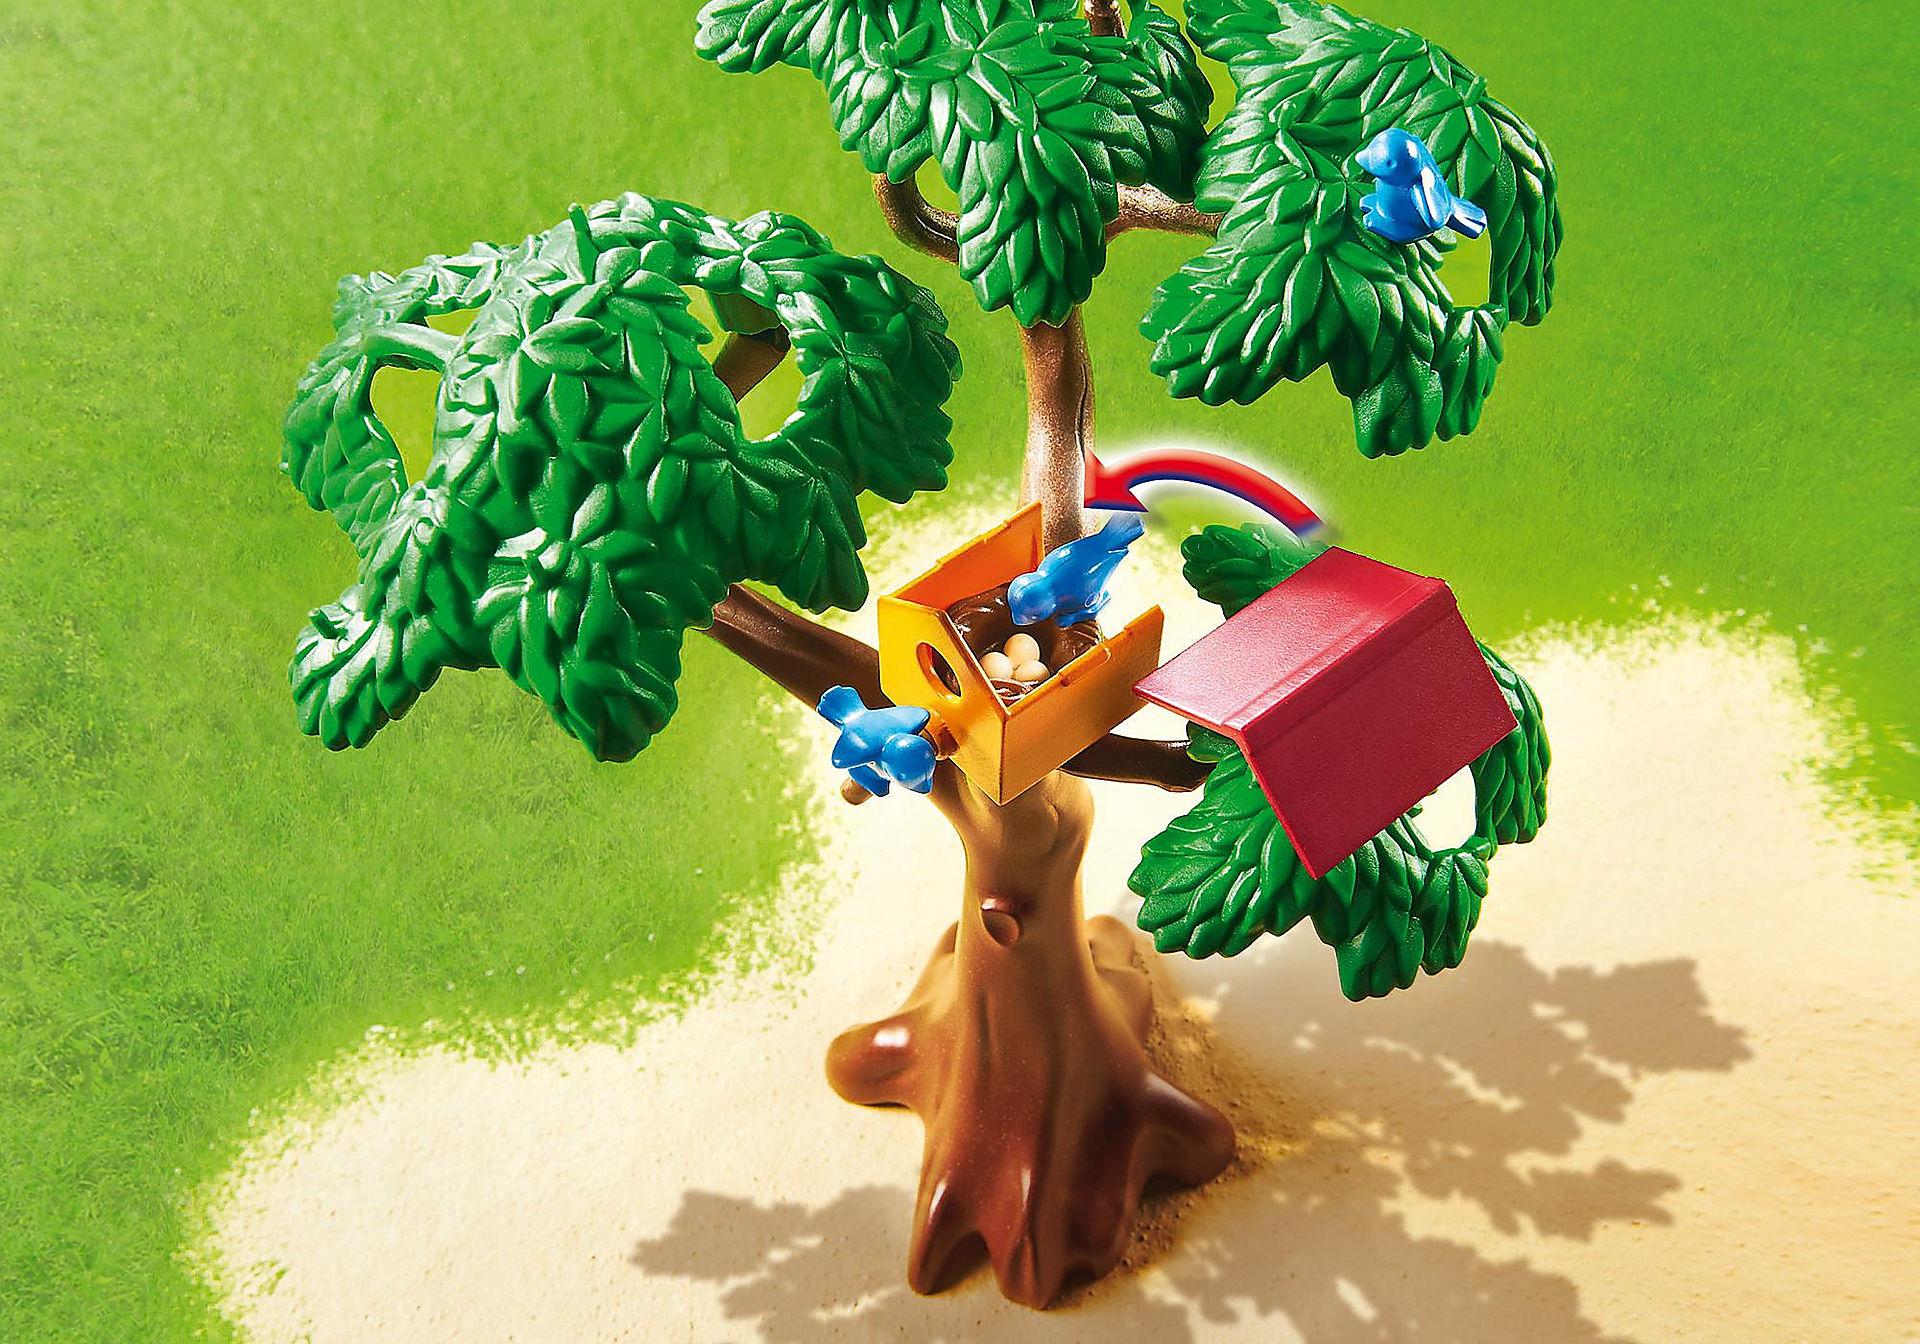 http://media.playmobil.com/i/playmobil/6811_product_extra3/Casa da Floresta